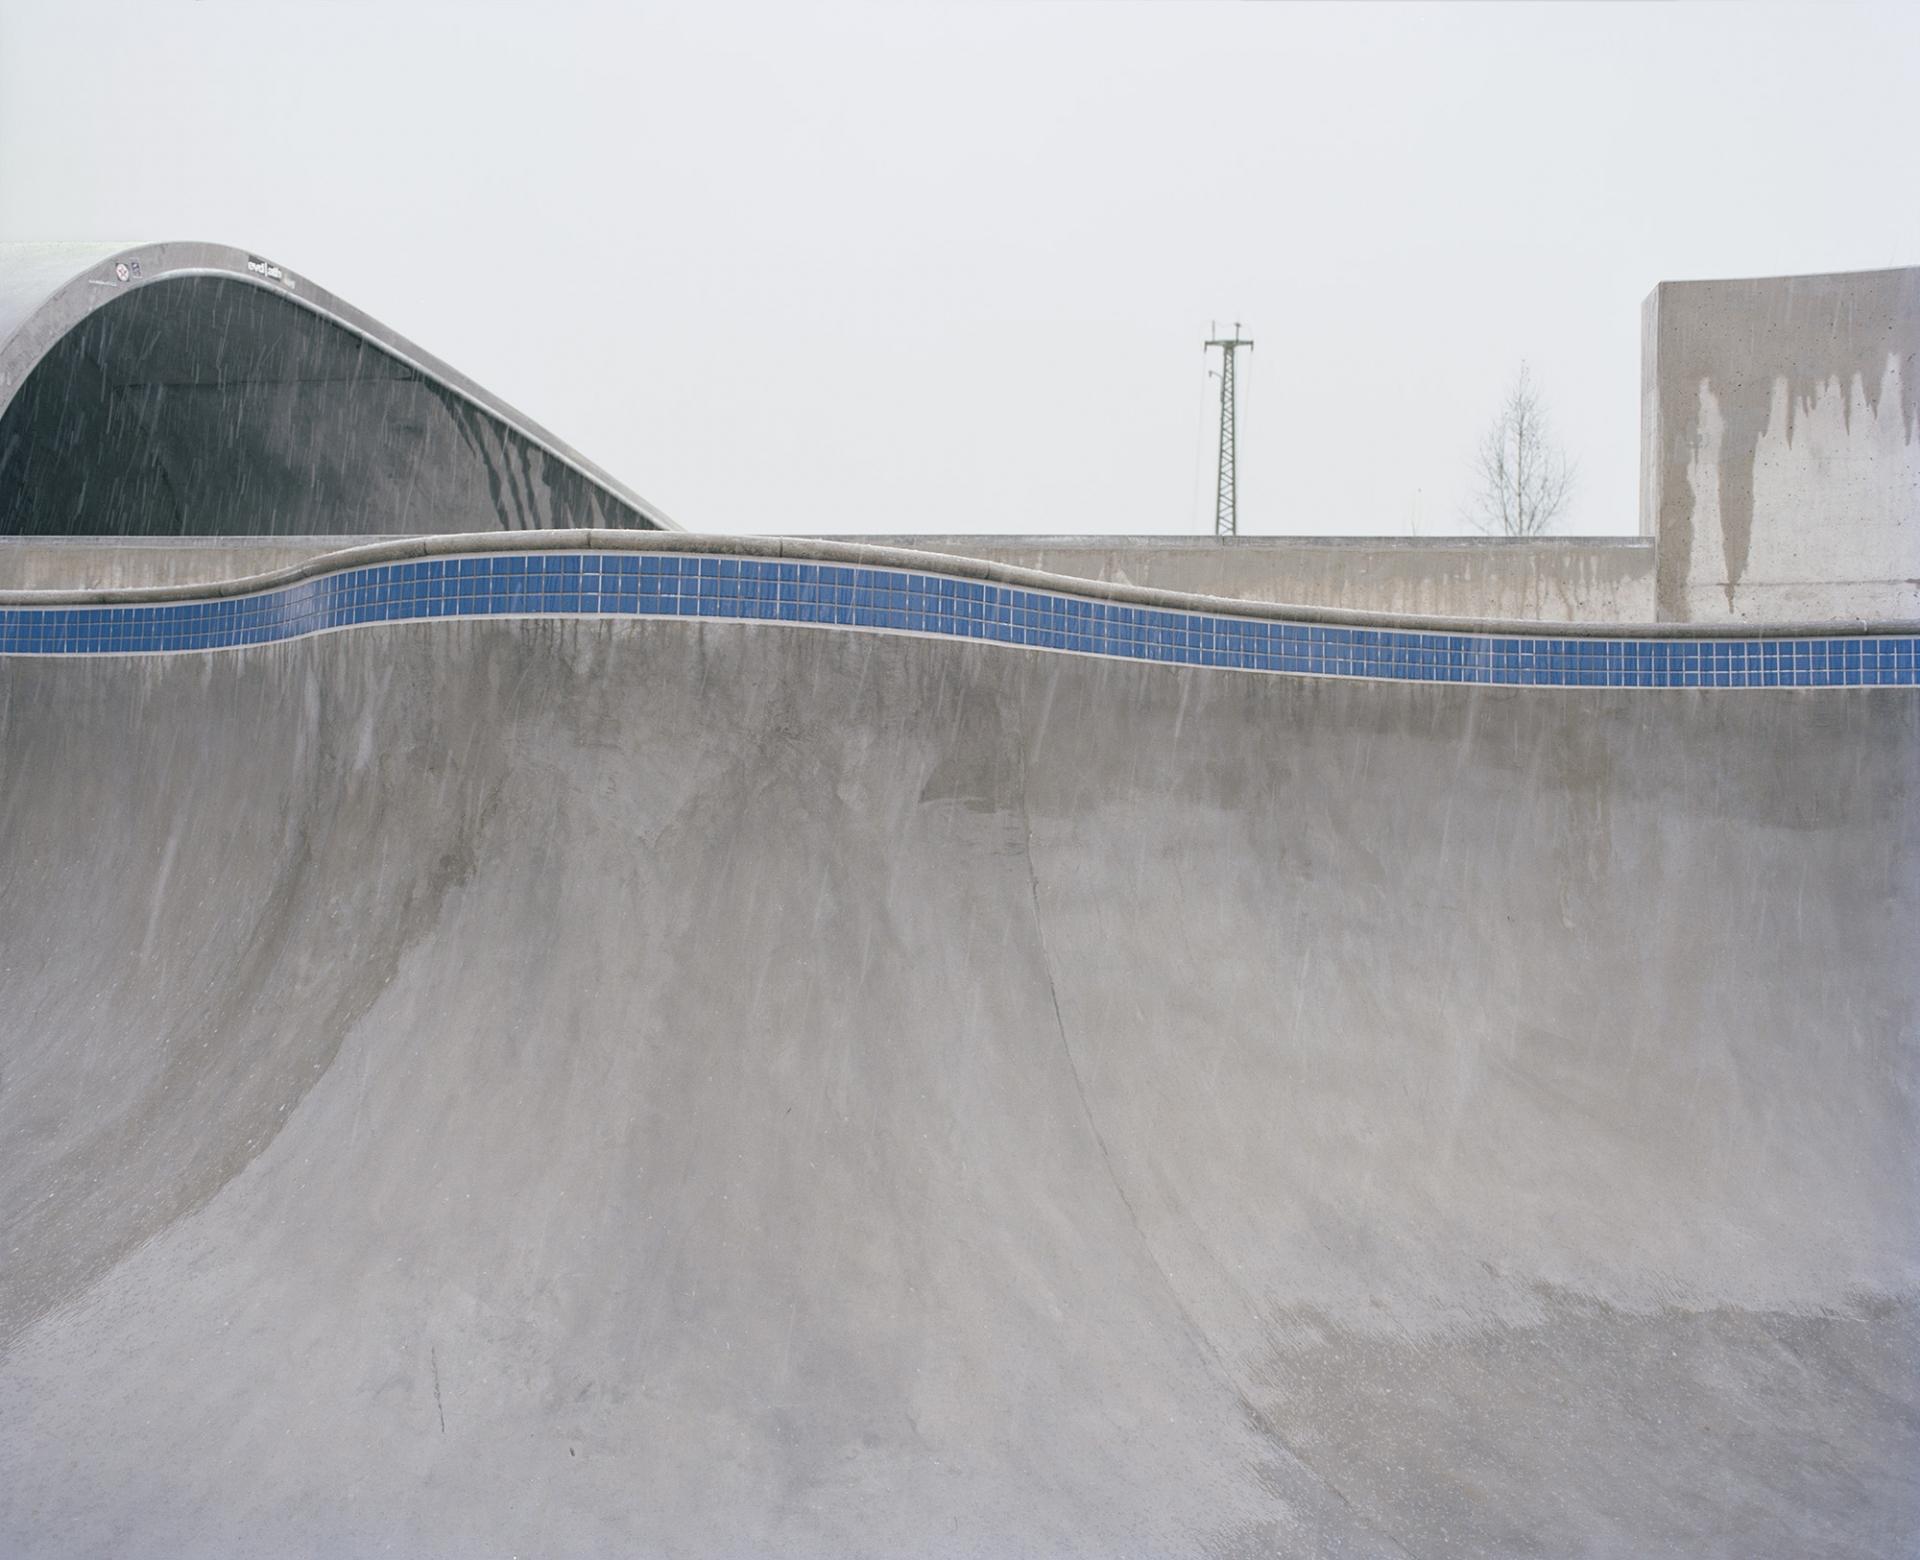 Lukas Schramm Fotografie Skatepark Hirschgarten, München